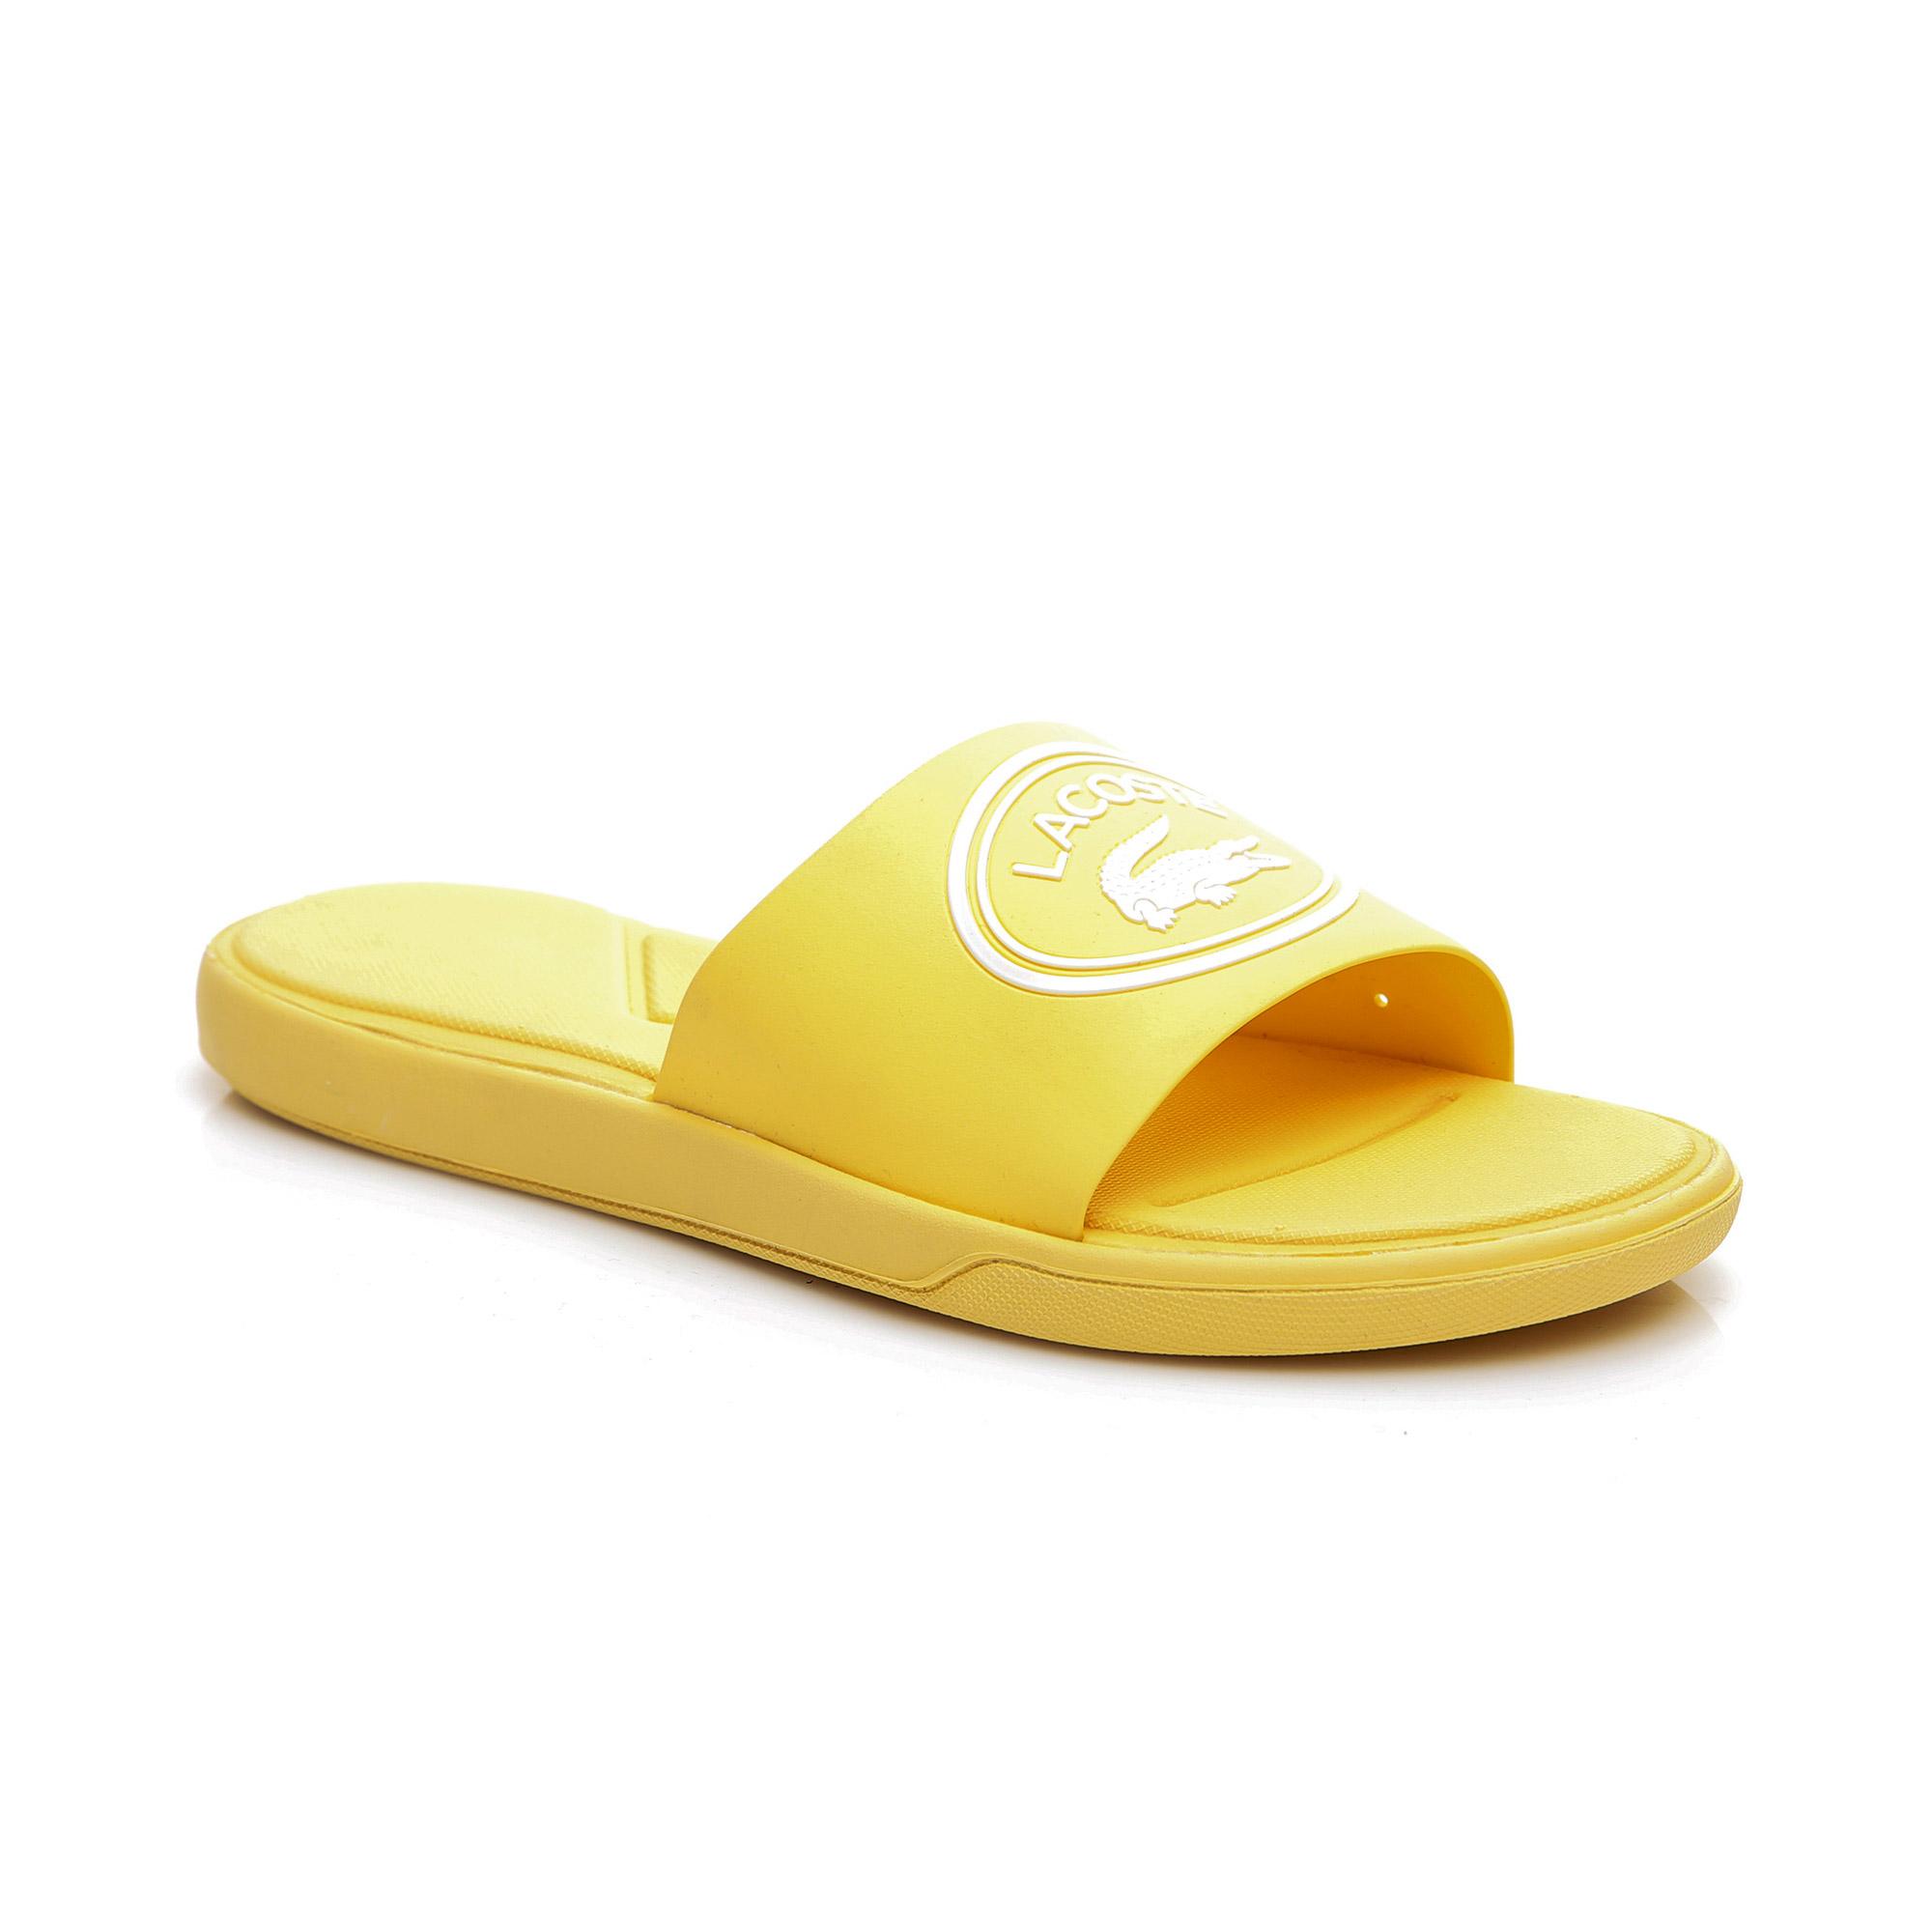 Lacoste Kadın Açık Sarı Terlik